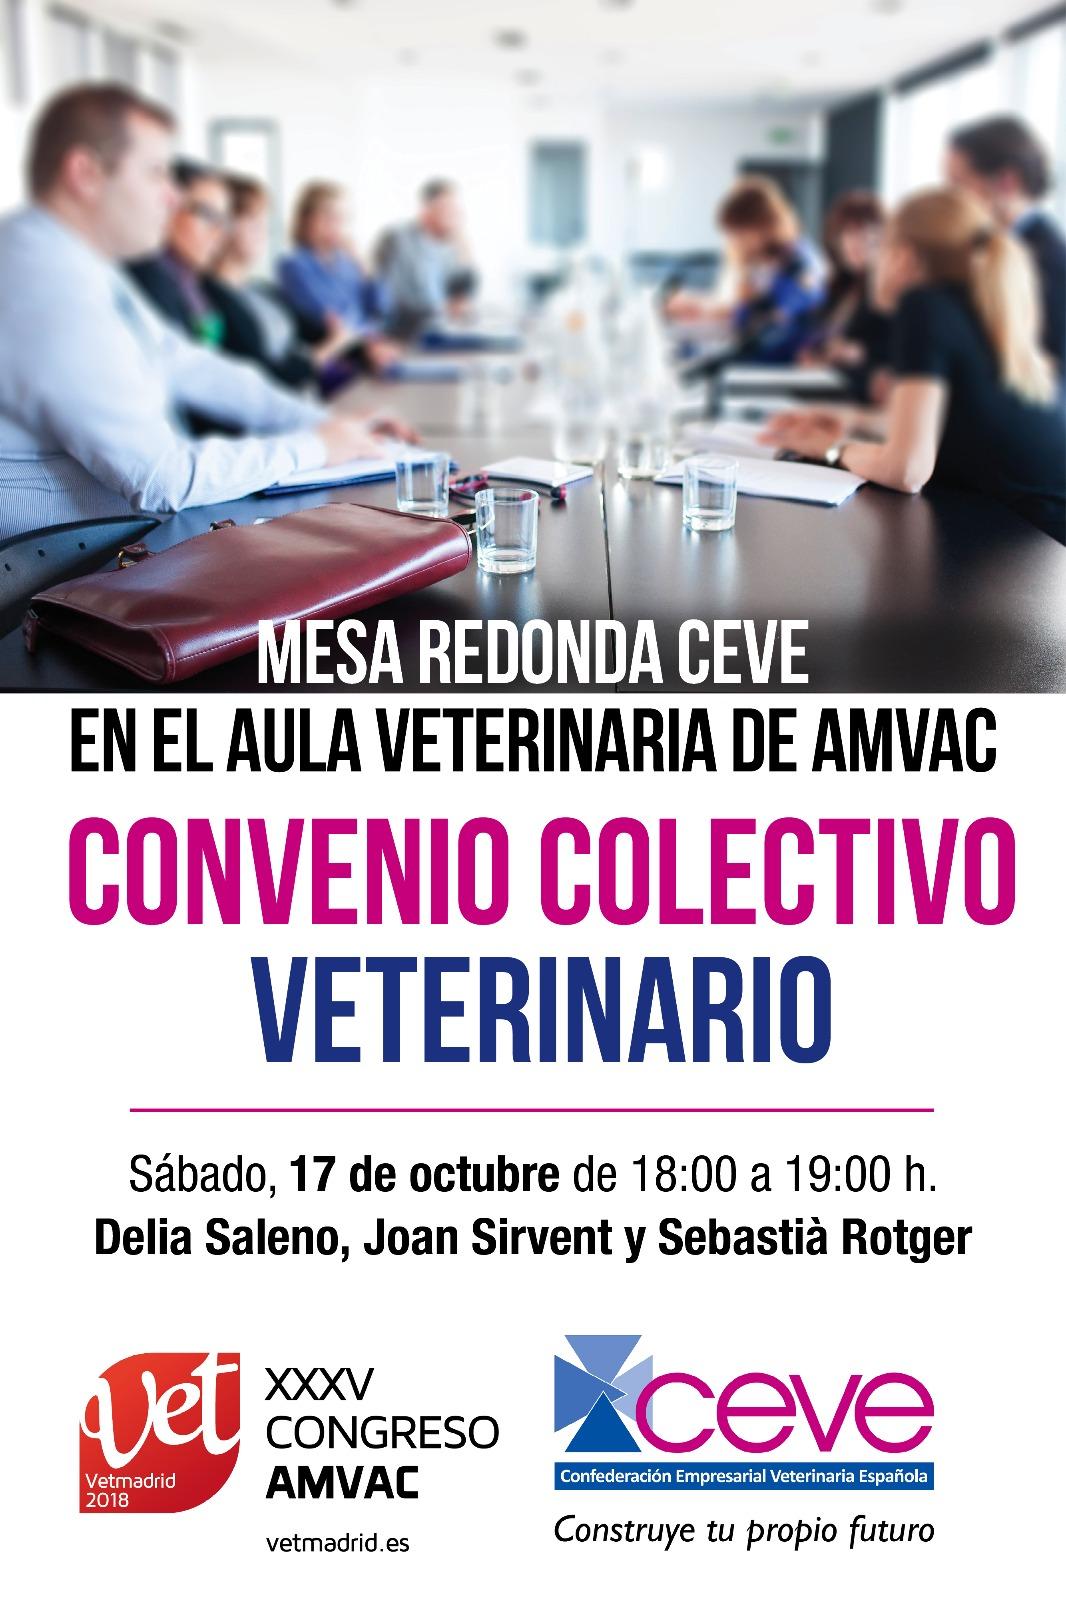 La Confederación Empresarial Veterinaria Española organiza una mesa redonda para explicar el convenio colectivo de centros sanitarios veterinarios.